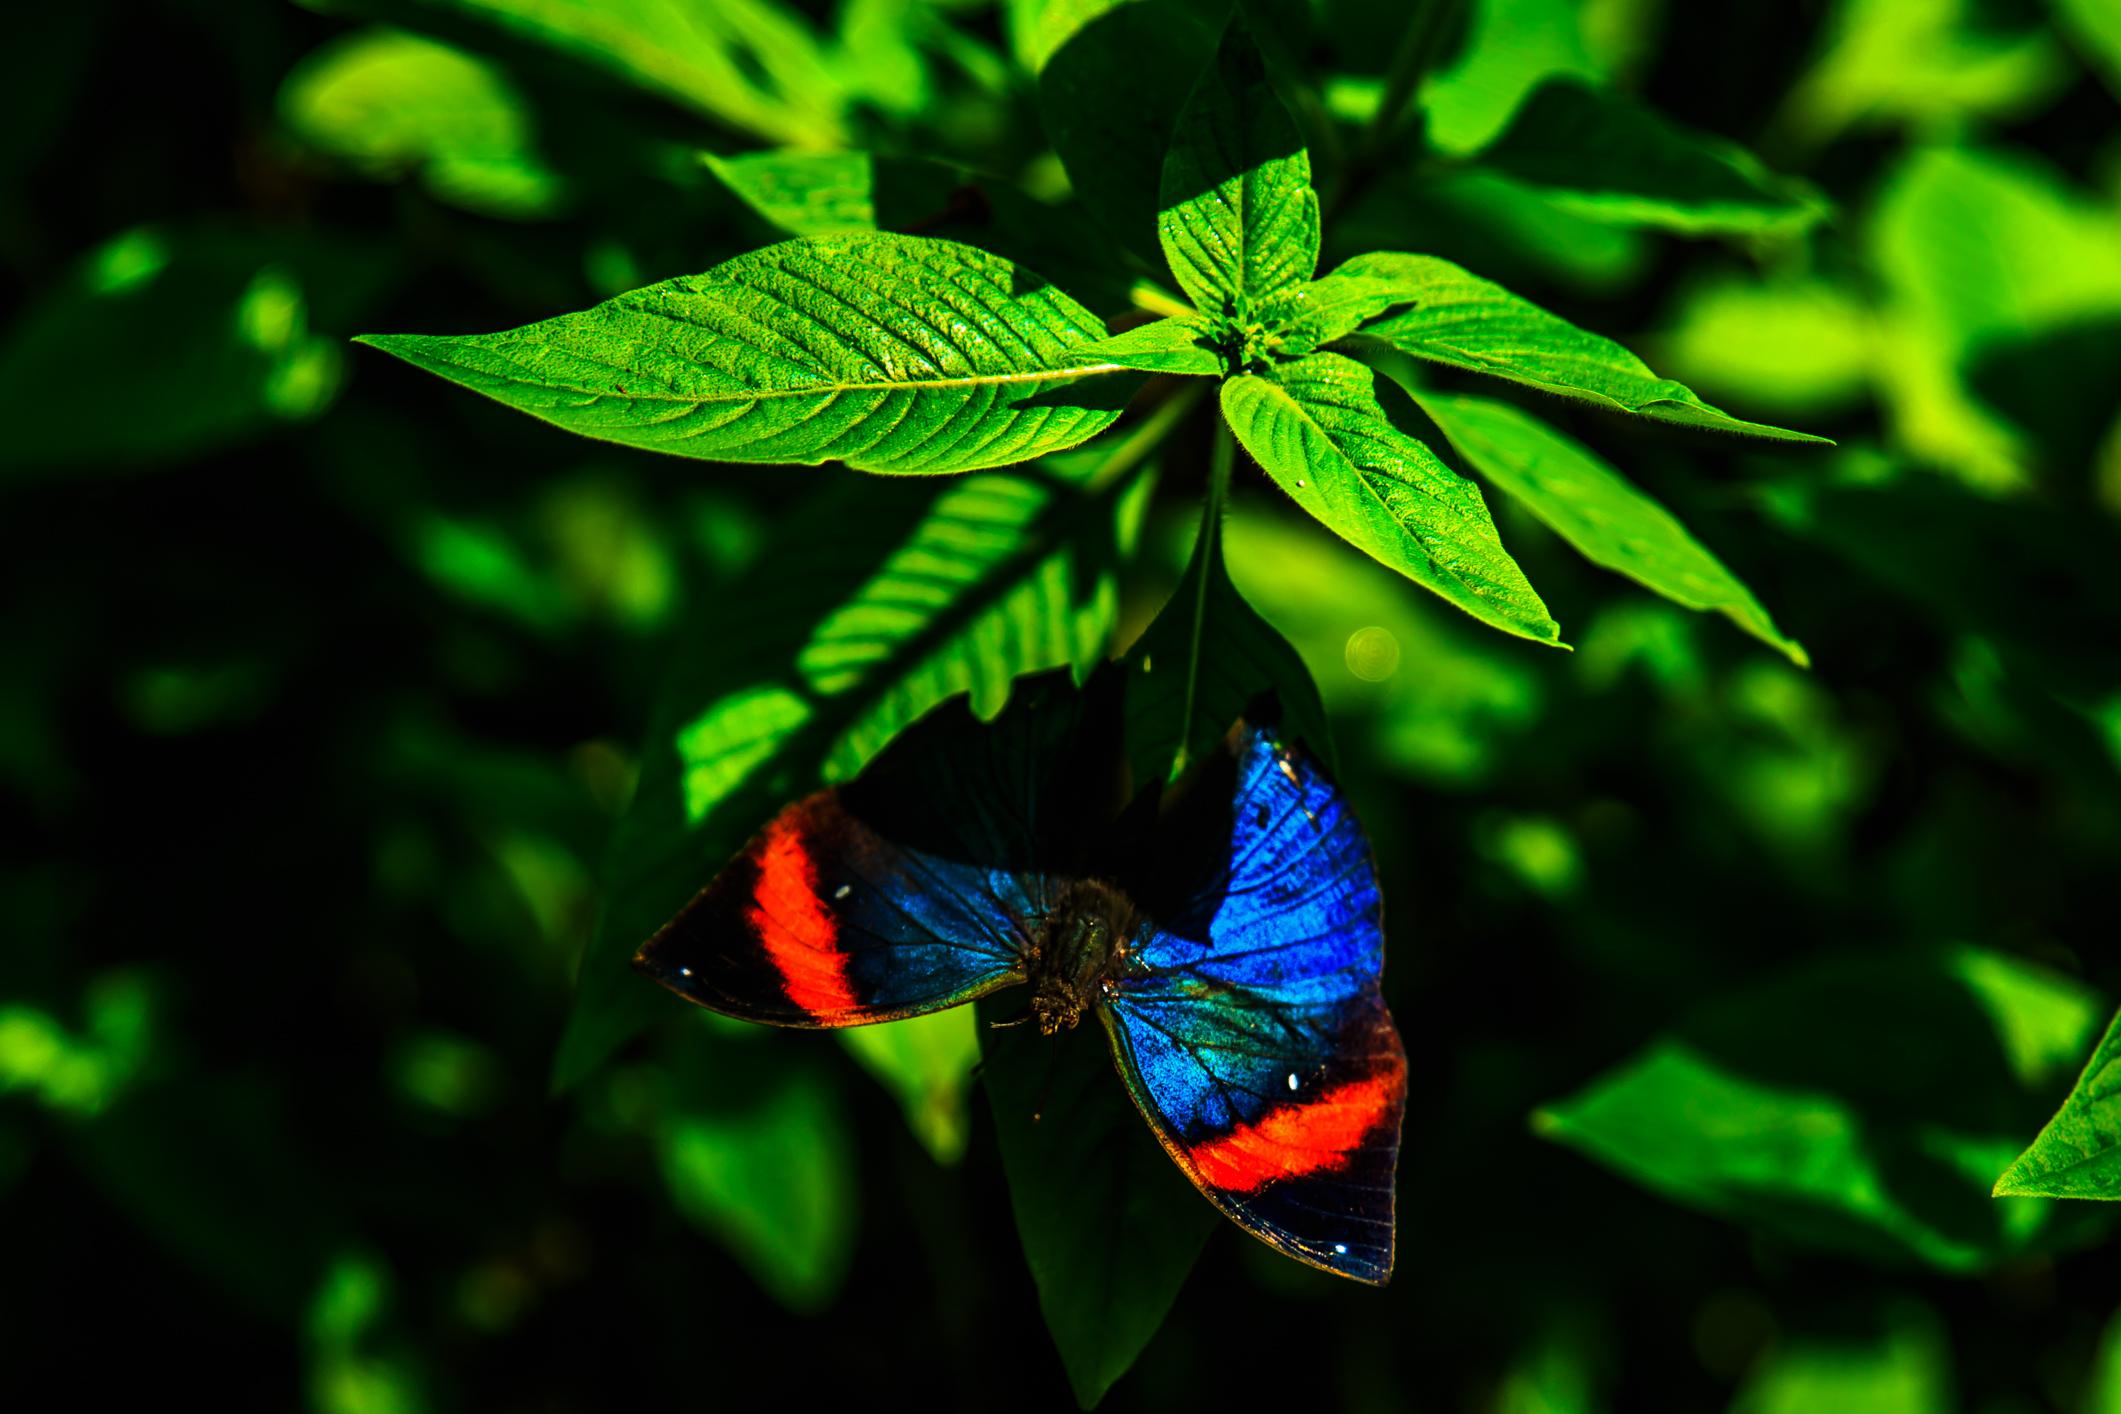 File:Miami   Fairchild Tropical Botanic Garden   In The Butterfly Garden  (12259861293)